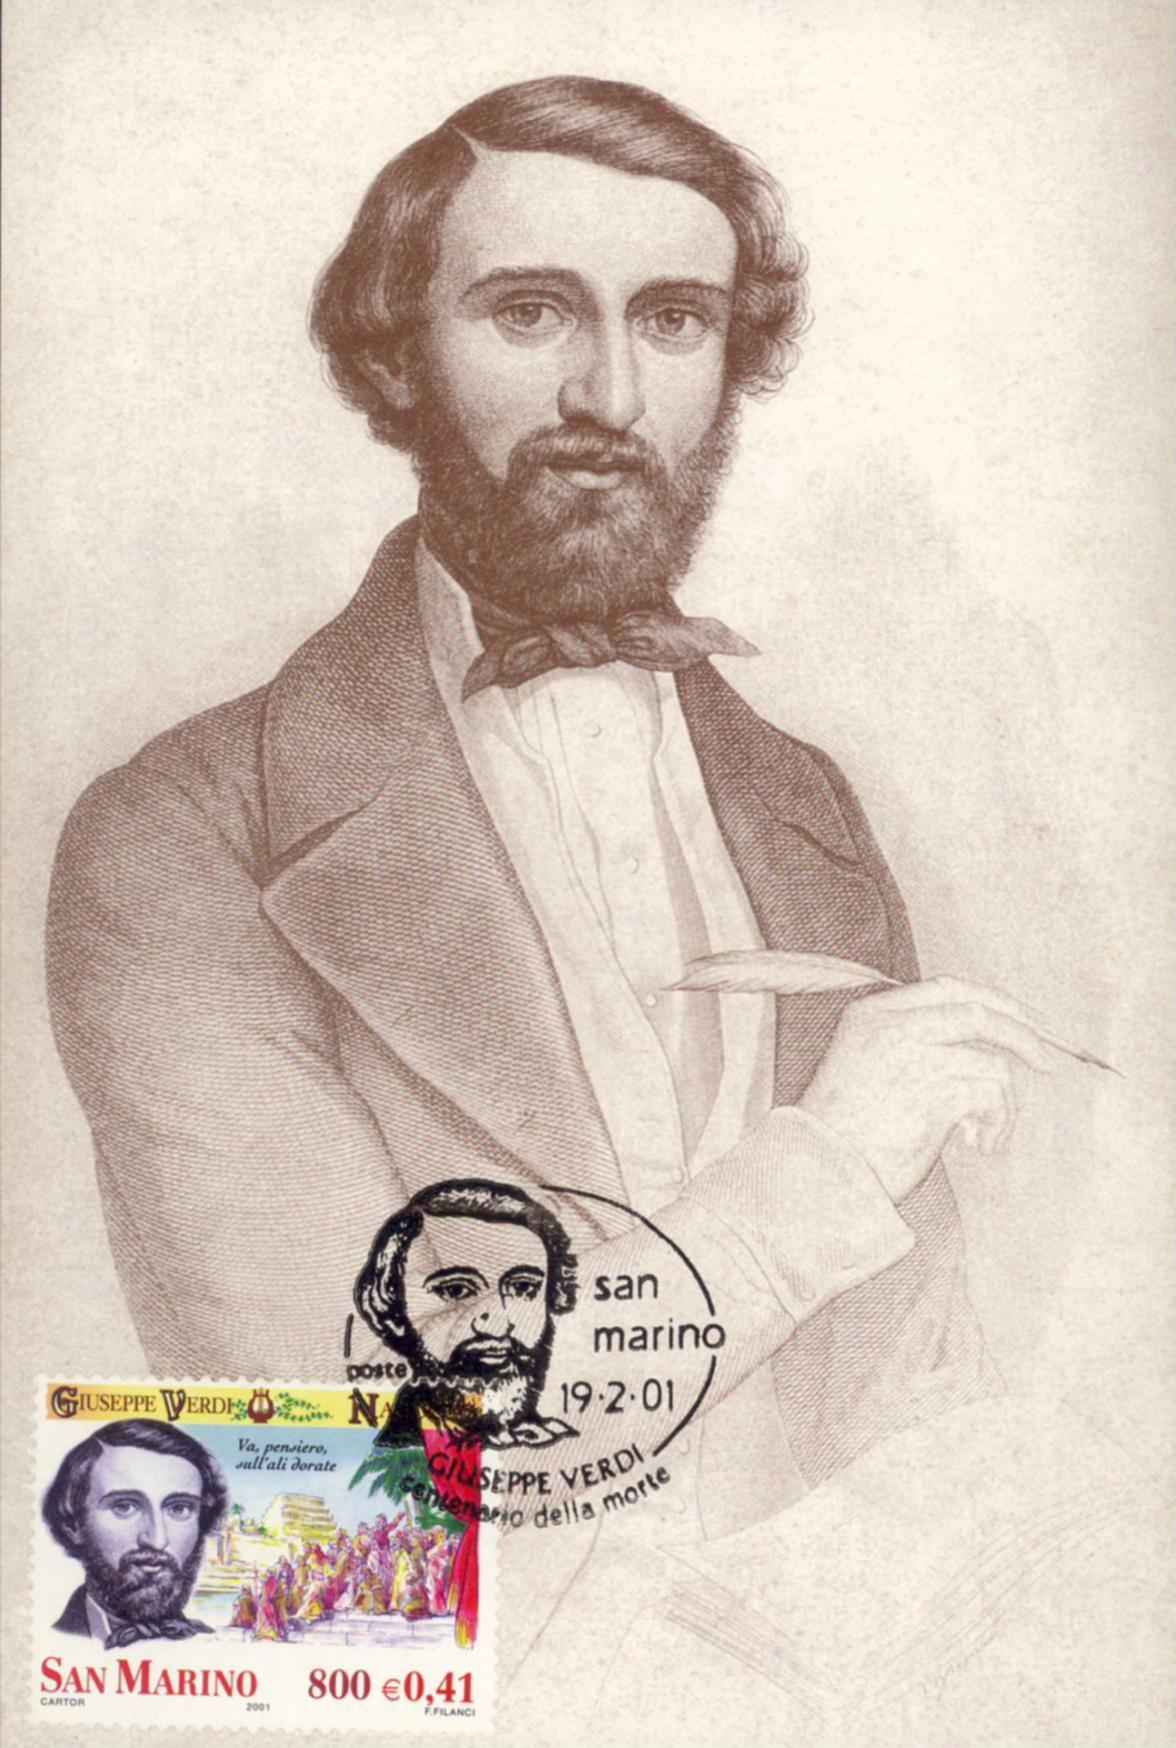 Verdi 5